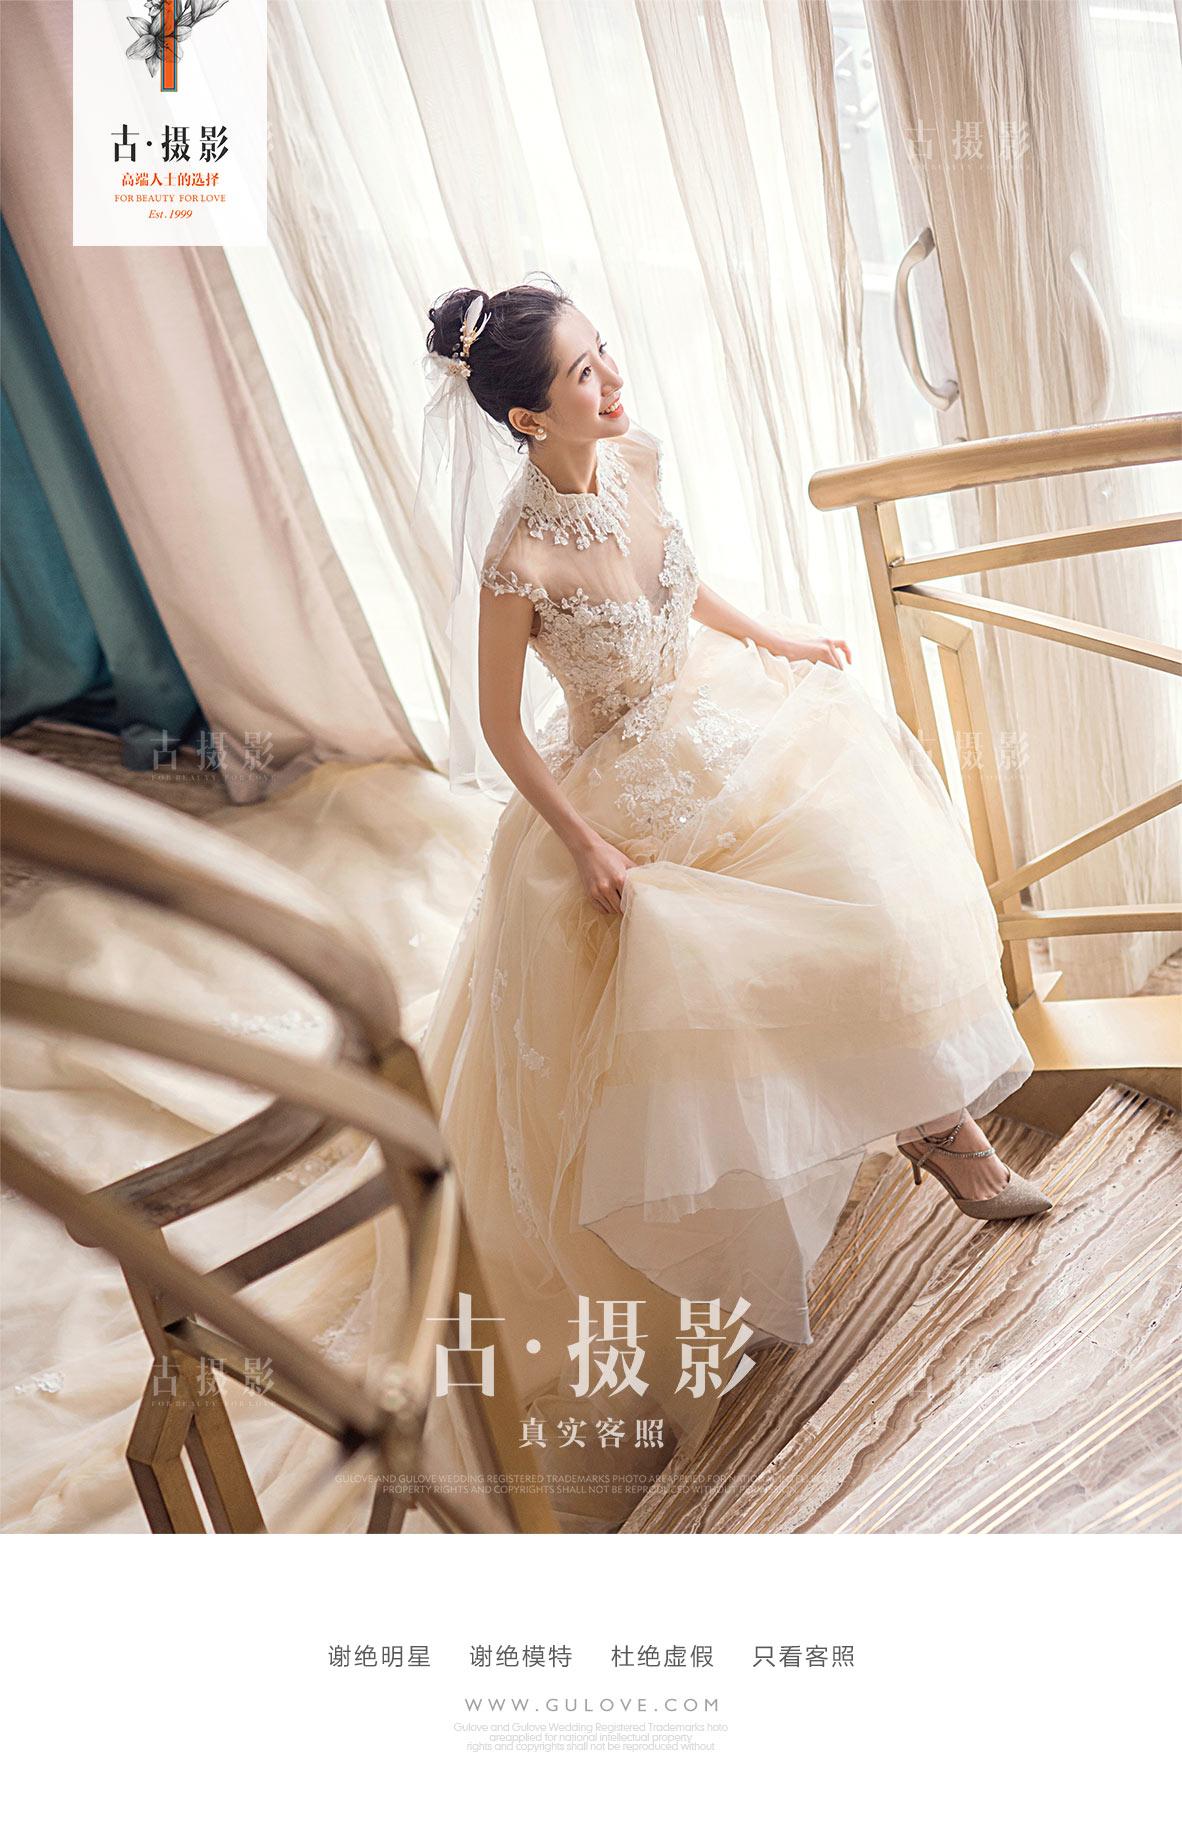 11月客照第一季 - 月度客照 - 古摄影婚纱艺术-古摄影成都婚纱摄影艺术摄影网